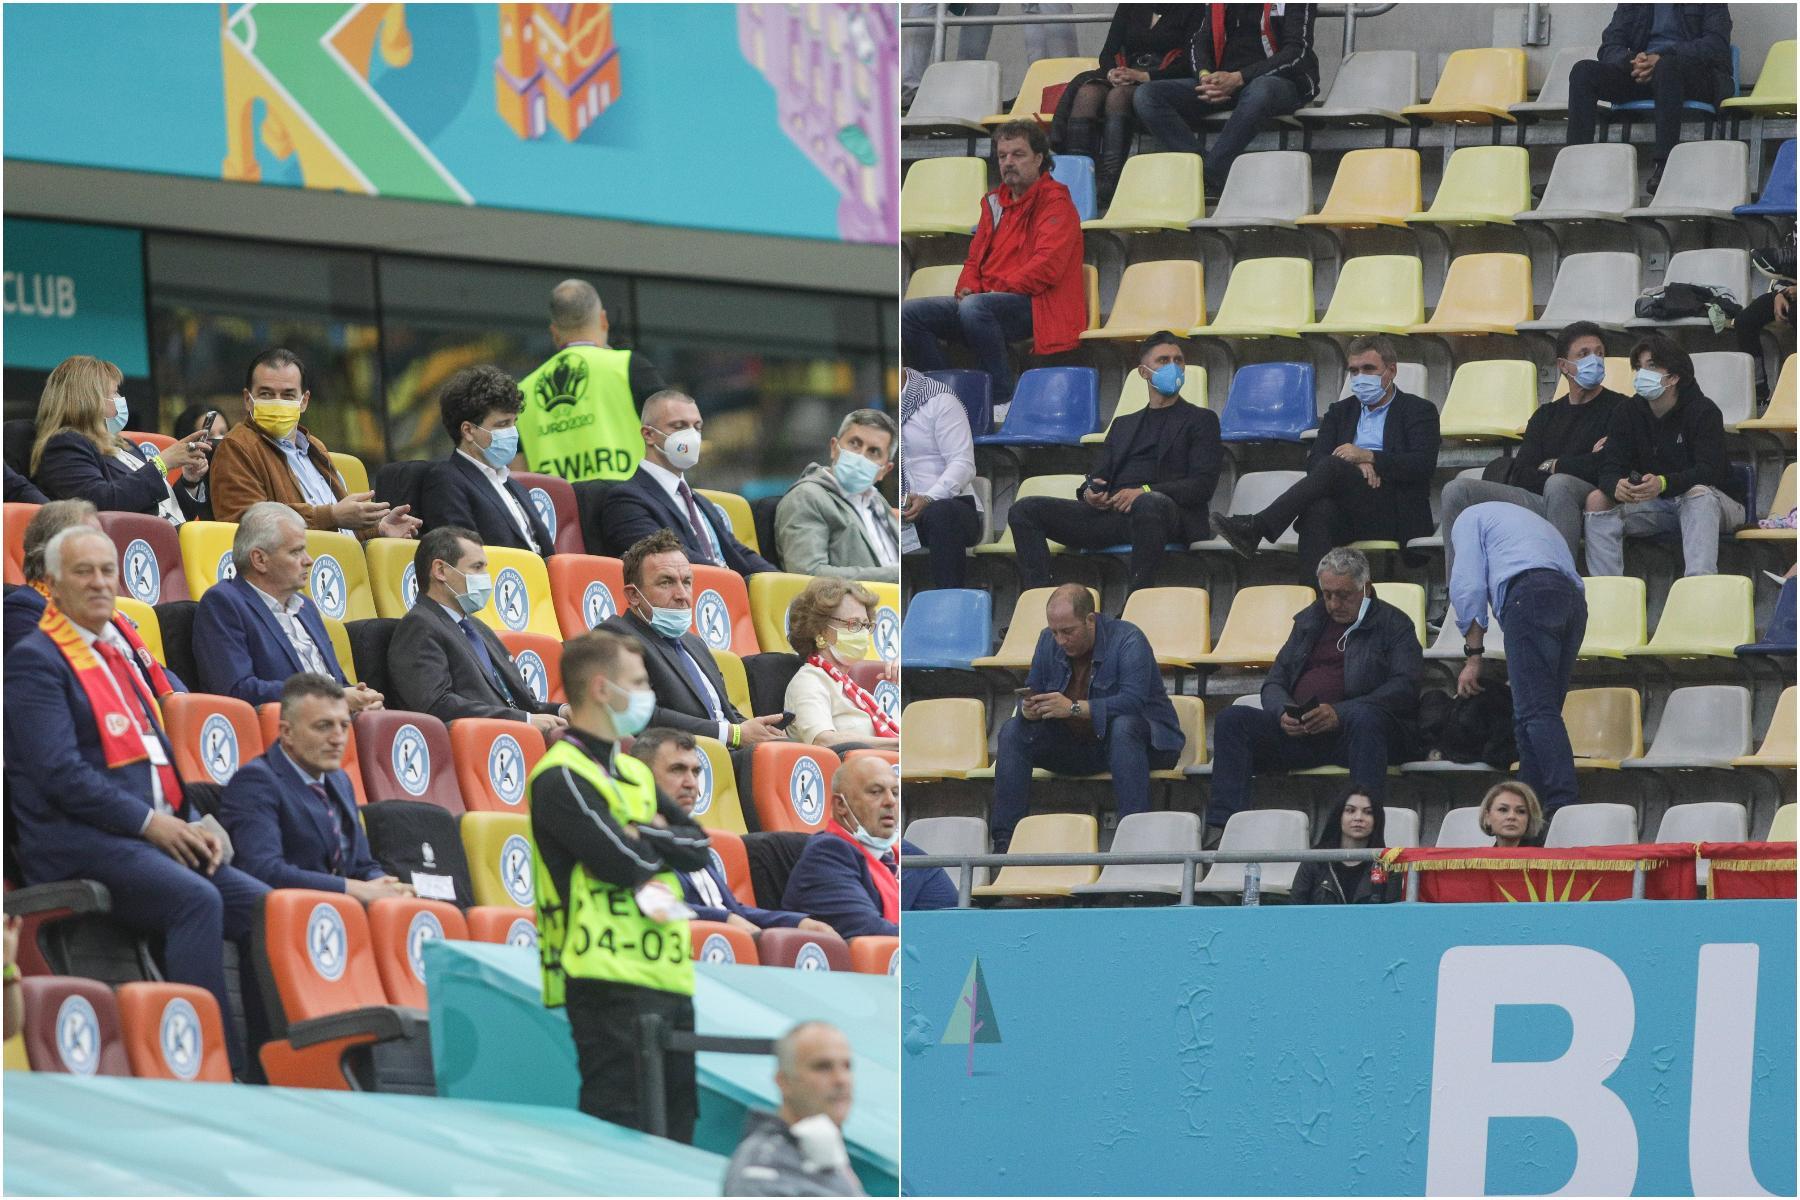 Politicienii în zona VIP, legendele din fotbal la tribuna a II-a. Explicația FRF și reacția lui Gică Popescu